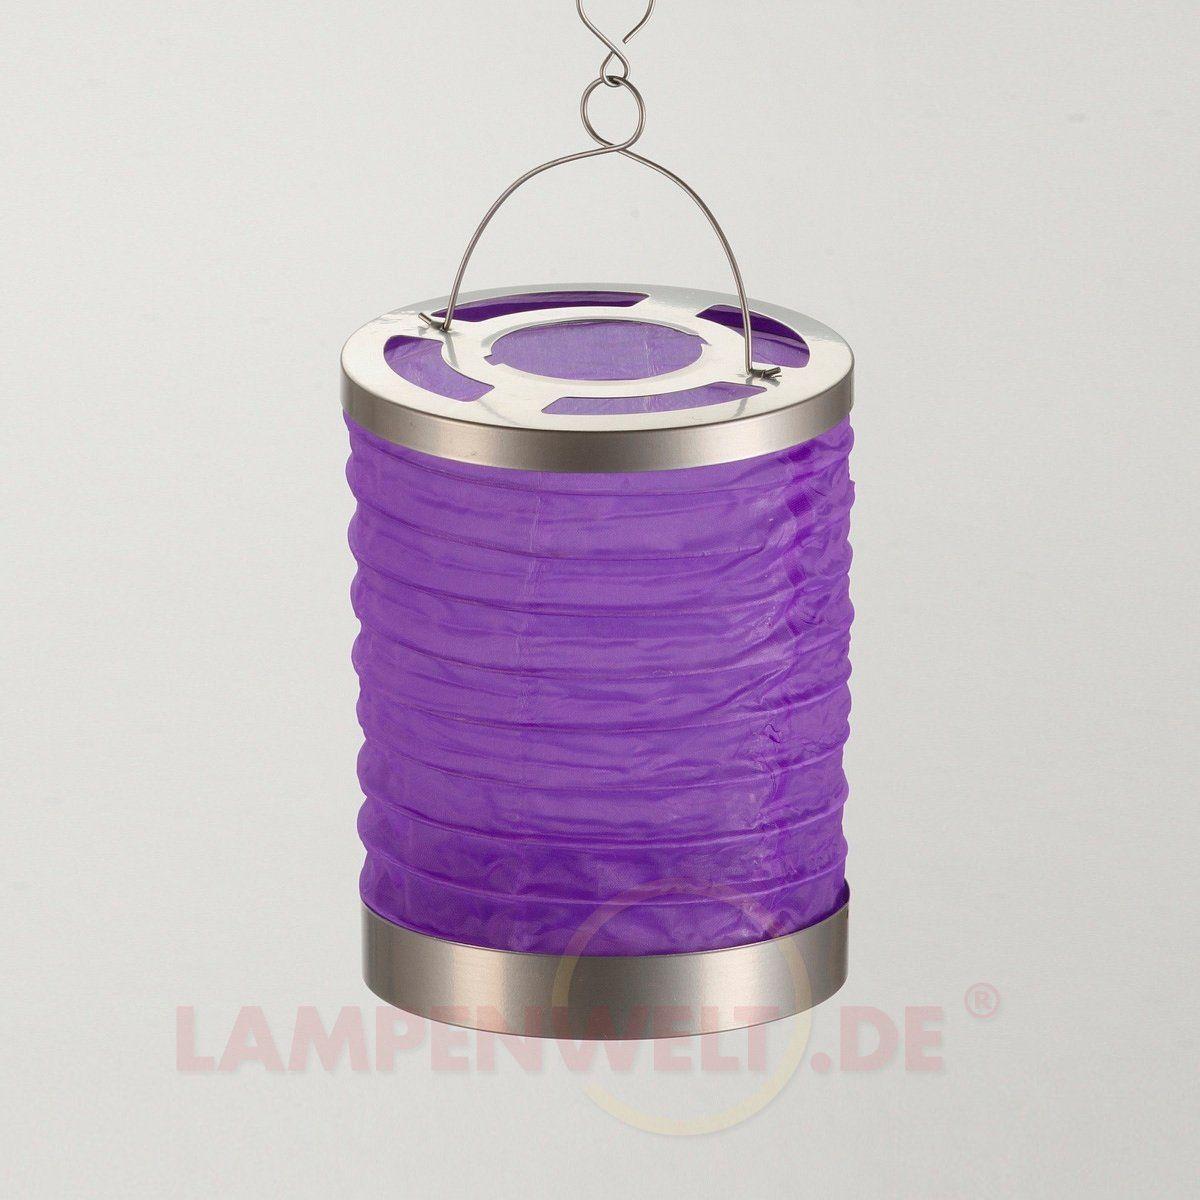 Schöne LED-Nylon Laterne Zylinder m. Solarp. lila 2506061